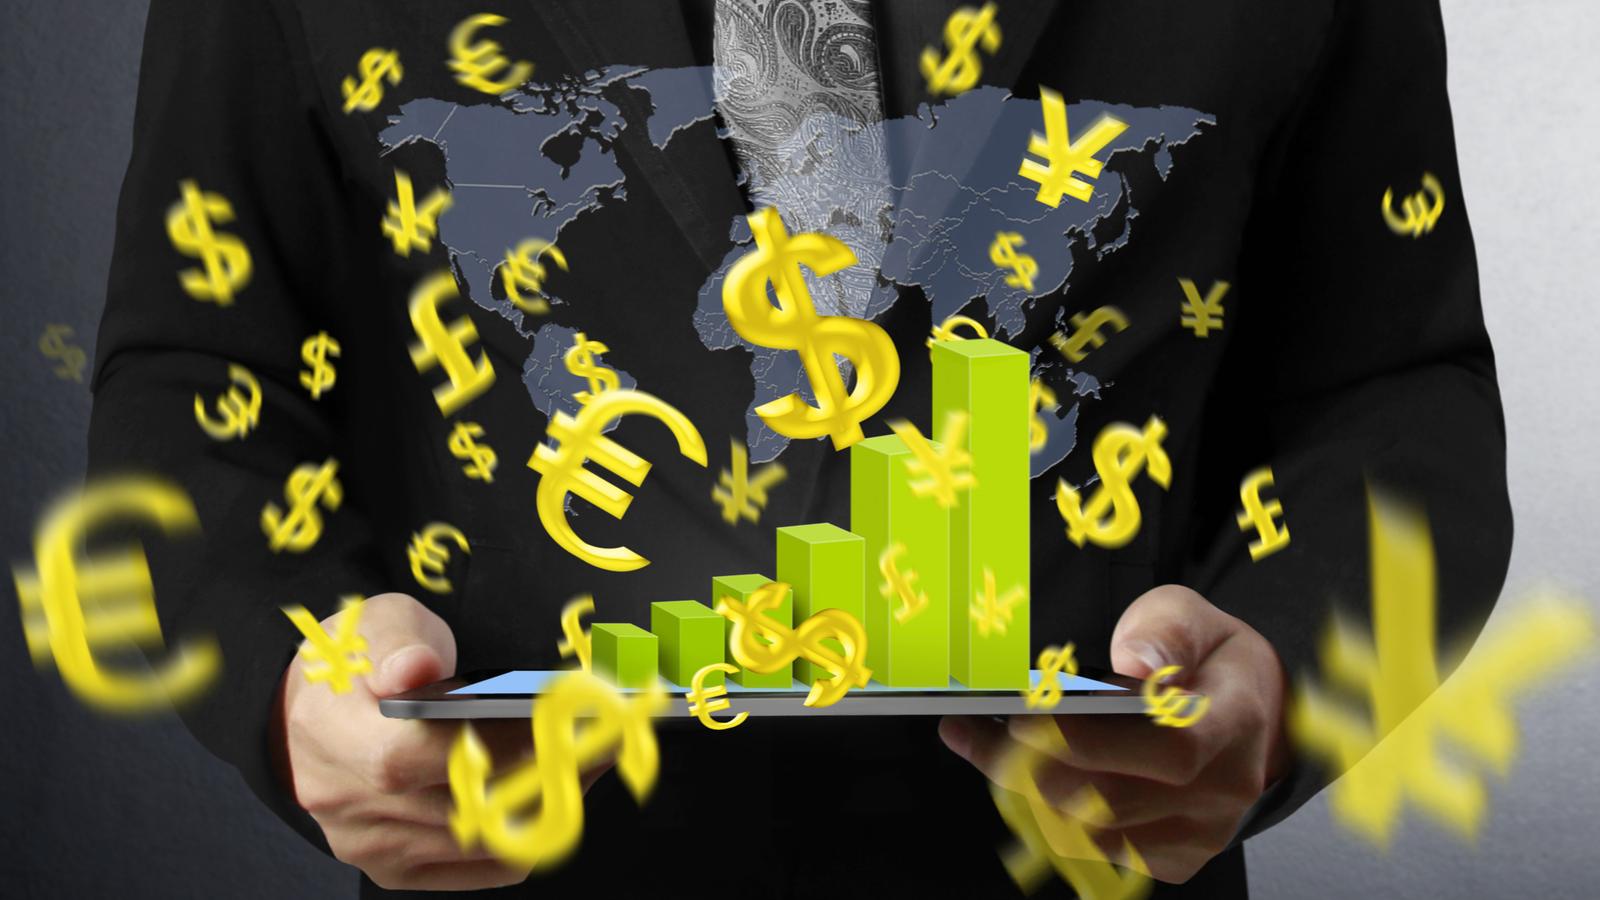 脱・金融初心者! 二つの市場から理解する金融の見取り図